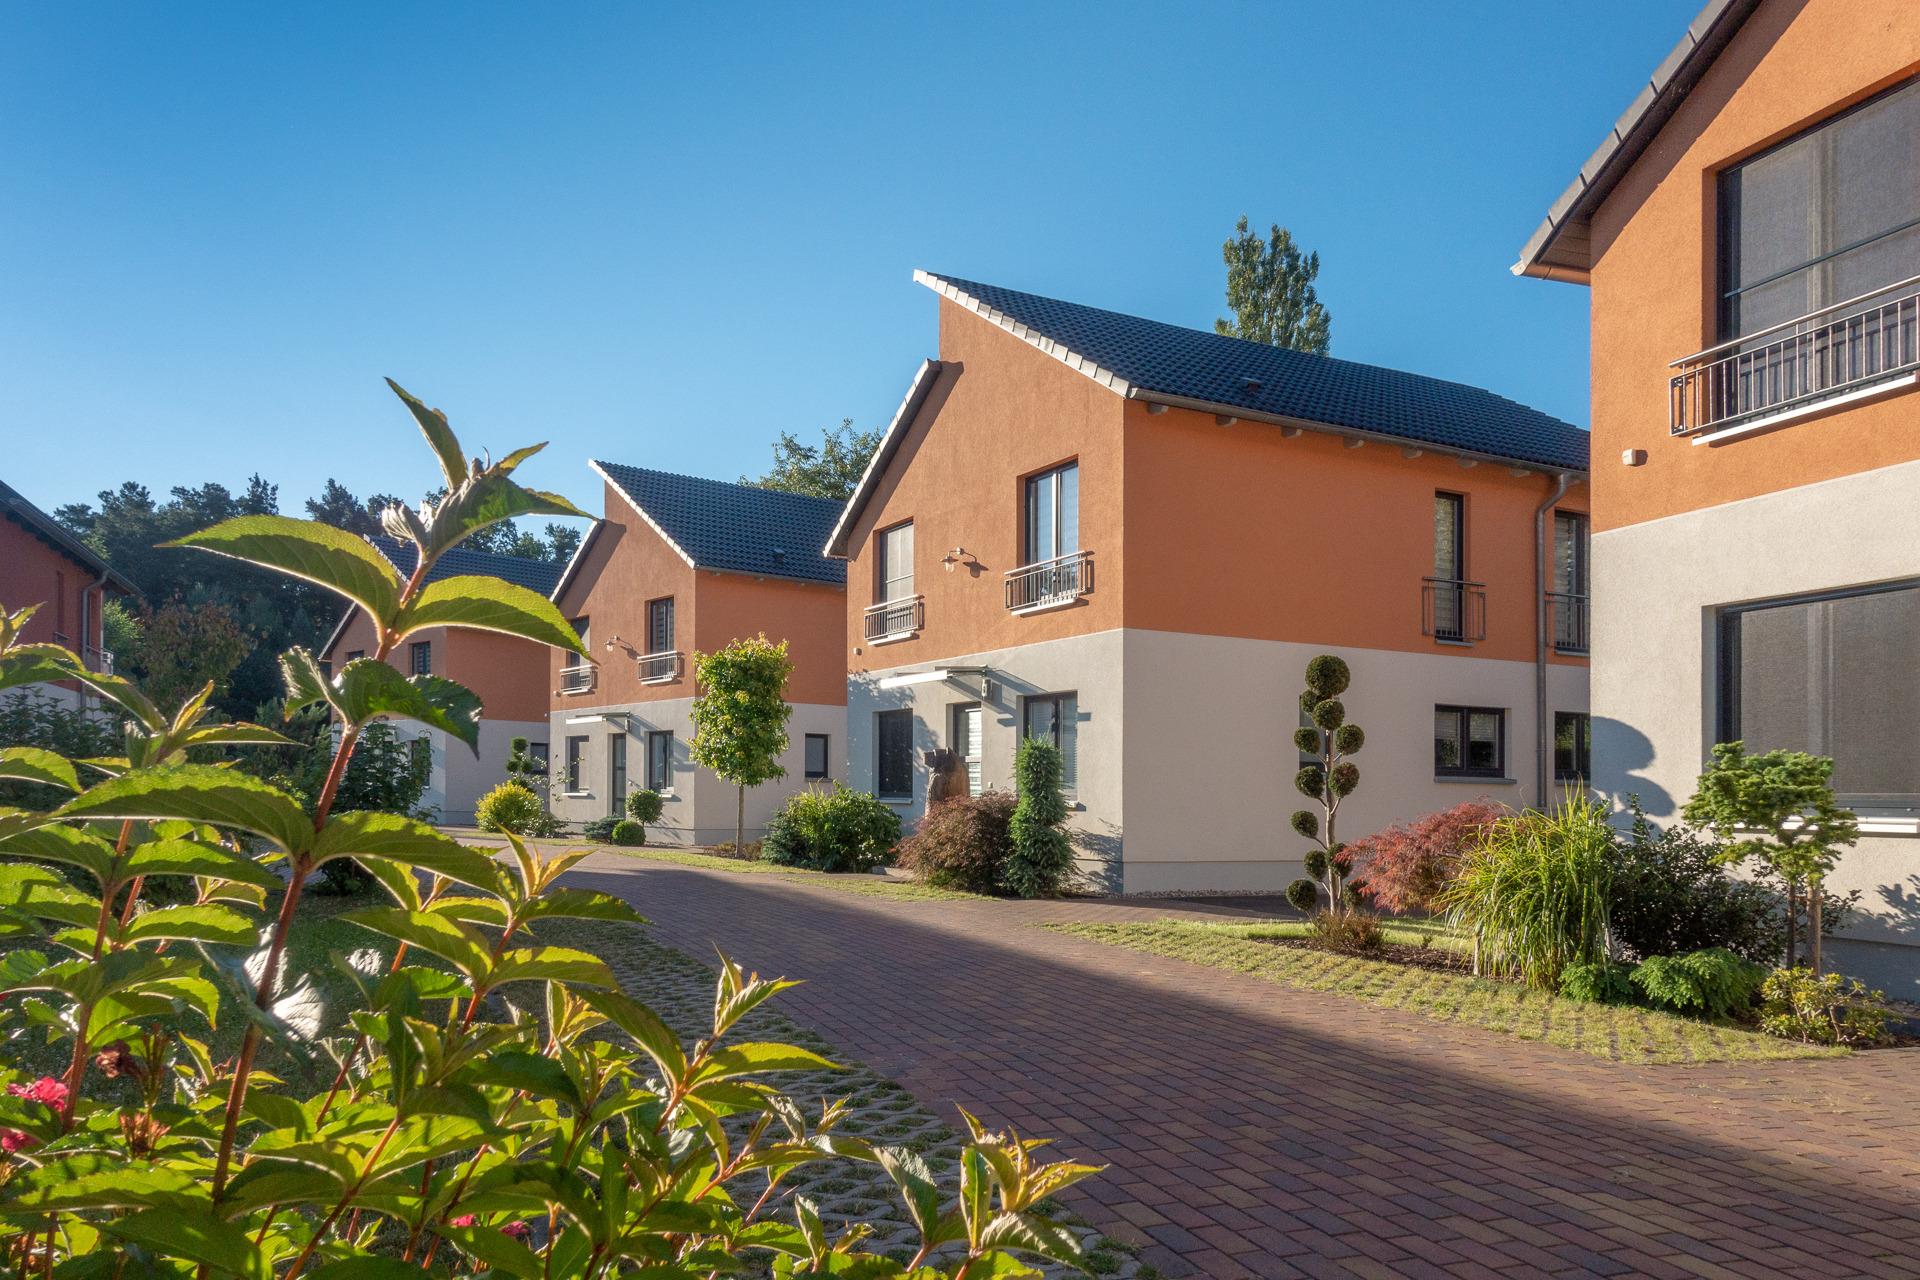 Ferienhaus 4  Fichte Ferienhaus am Bodensee